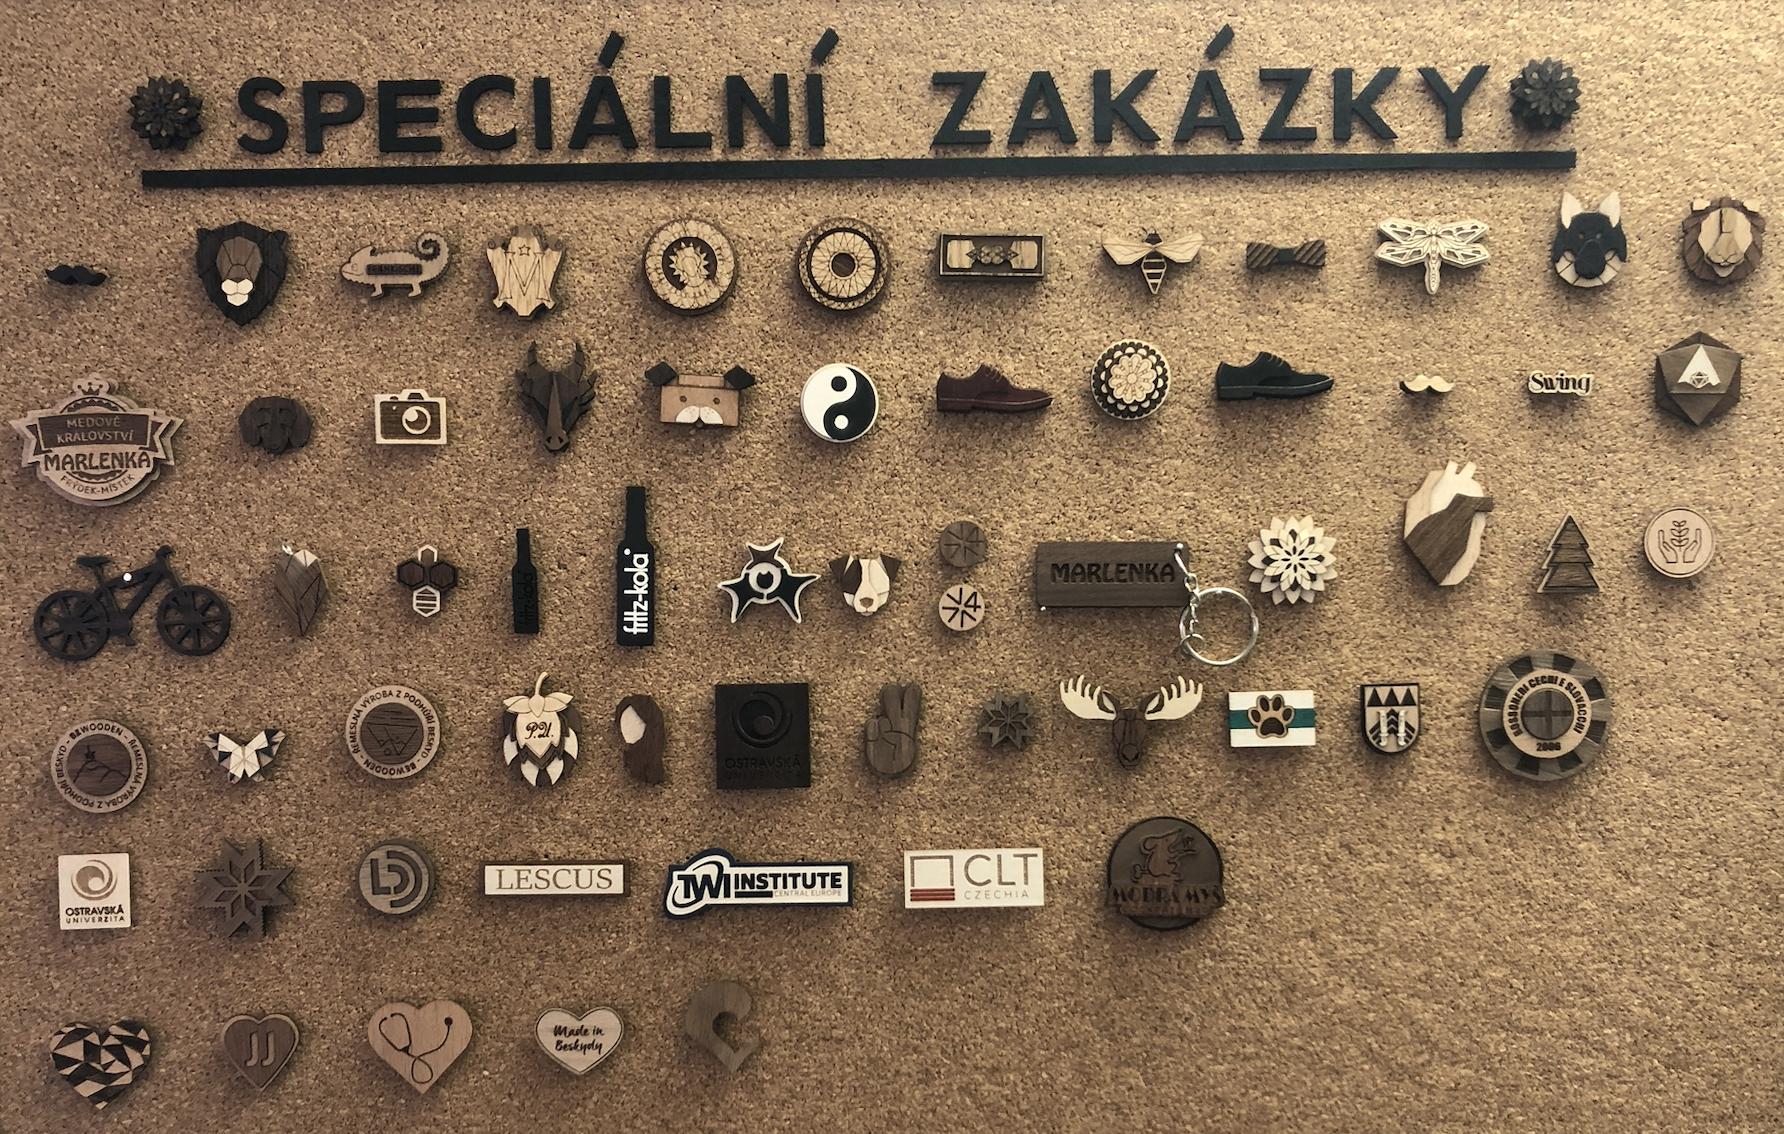 sni_mek_obrazovky_2020_03_03_v_17.50.12